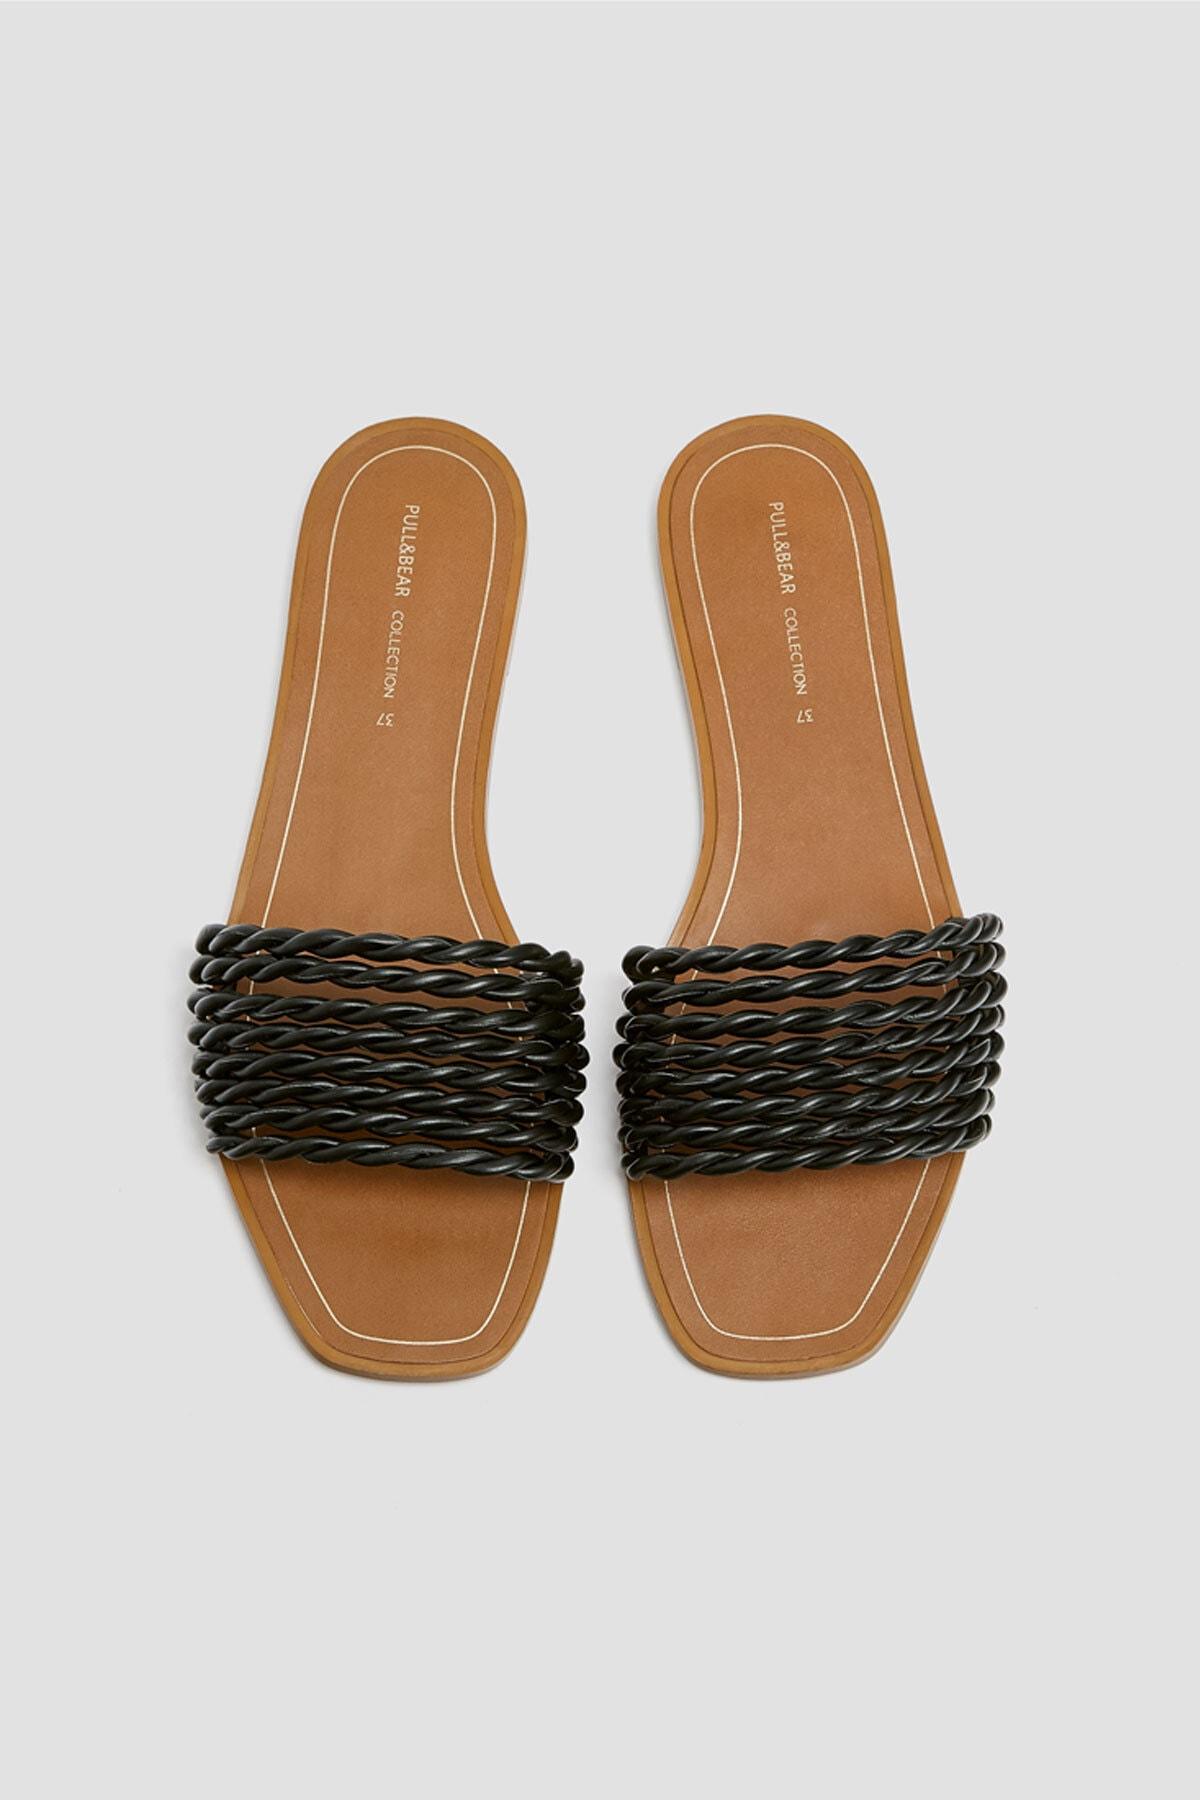 Pull & Bear Kadın Siyah Örgü Bantlı Siyah Sandalet 11557540 2